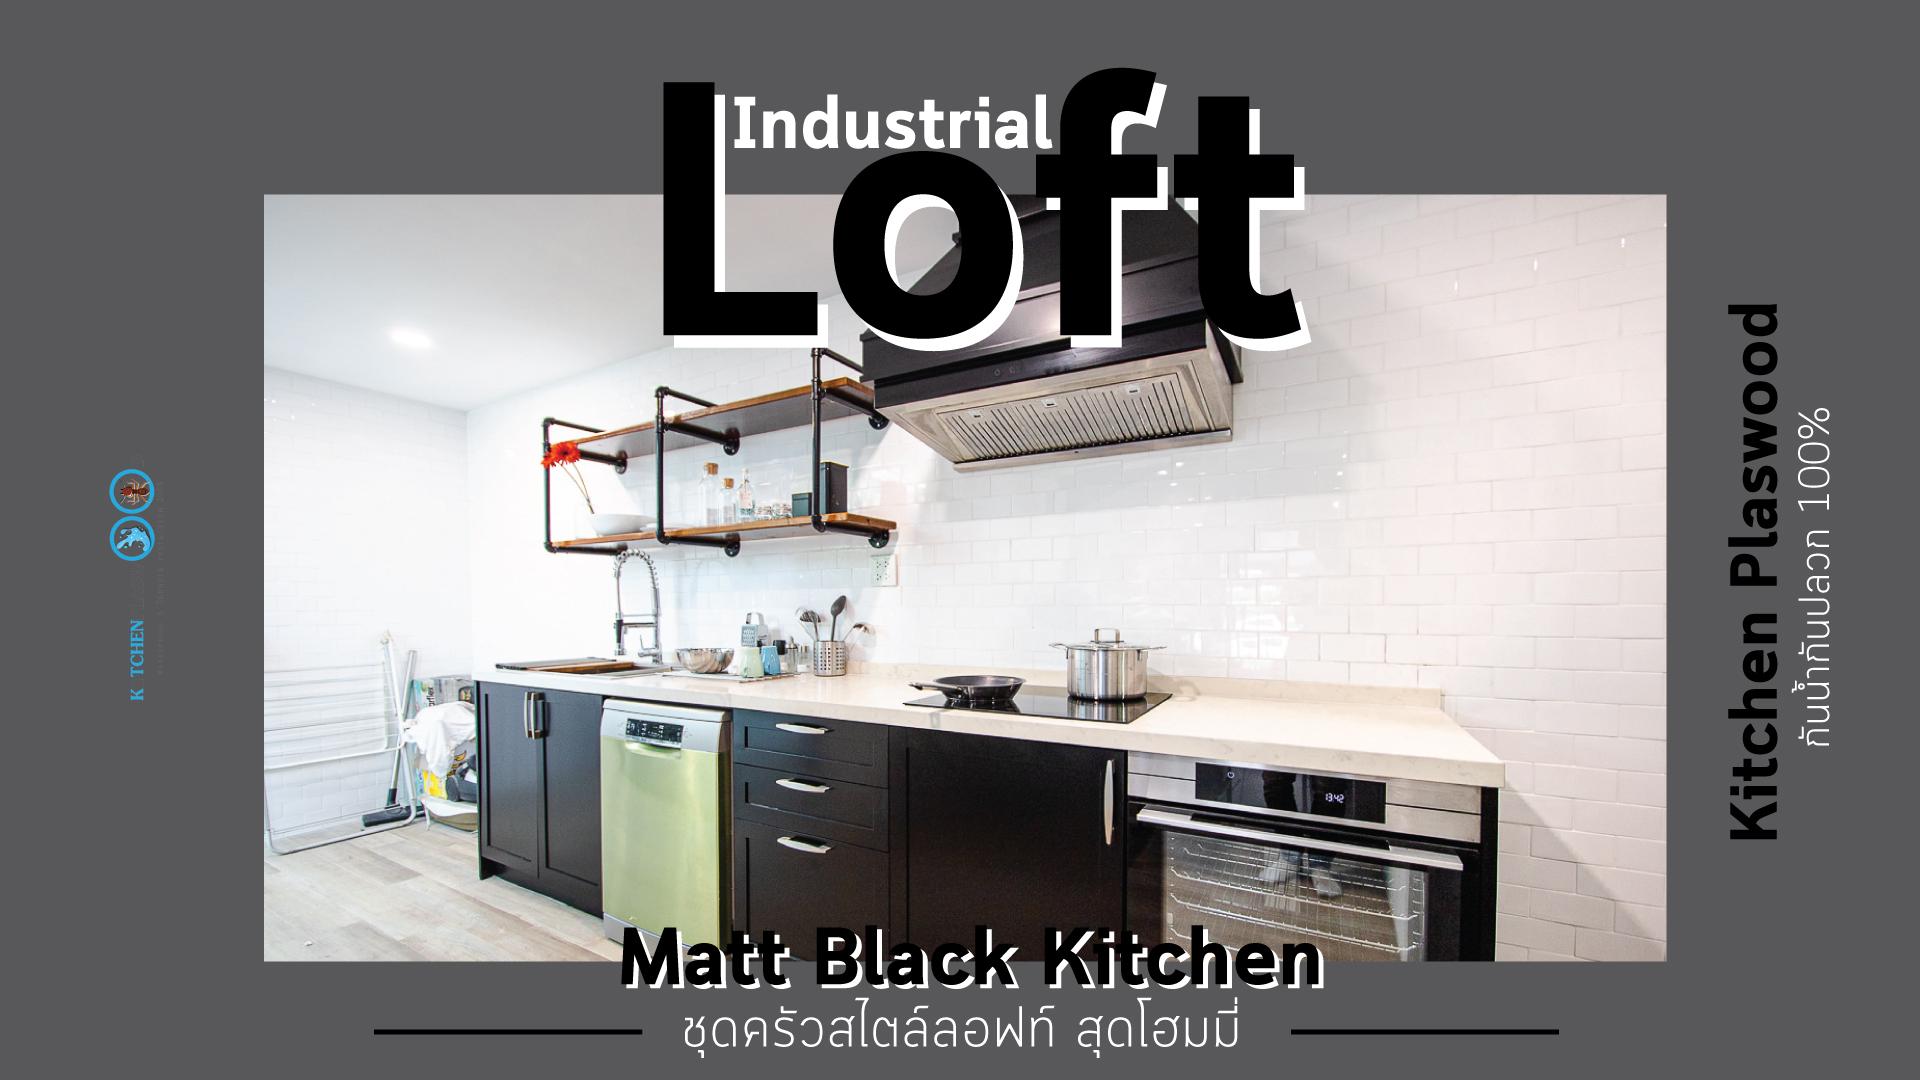 ชุดครัวบิ้วอินสุดเท่สไตล์ Industrial Loft โทนสีดำด้าน, ชุดครัวบิ้วอิน, ครัวสไตล์ลอฟท์, Loft Kitchen, Industrial Loft Kitchen, ชุดครัว I Shape, ชุดครัวสีดำด้าน,